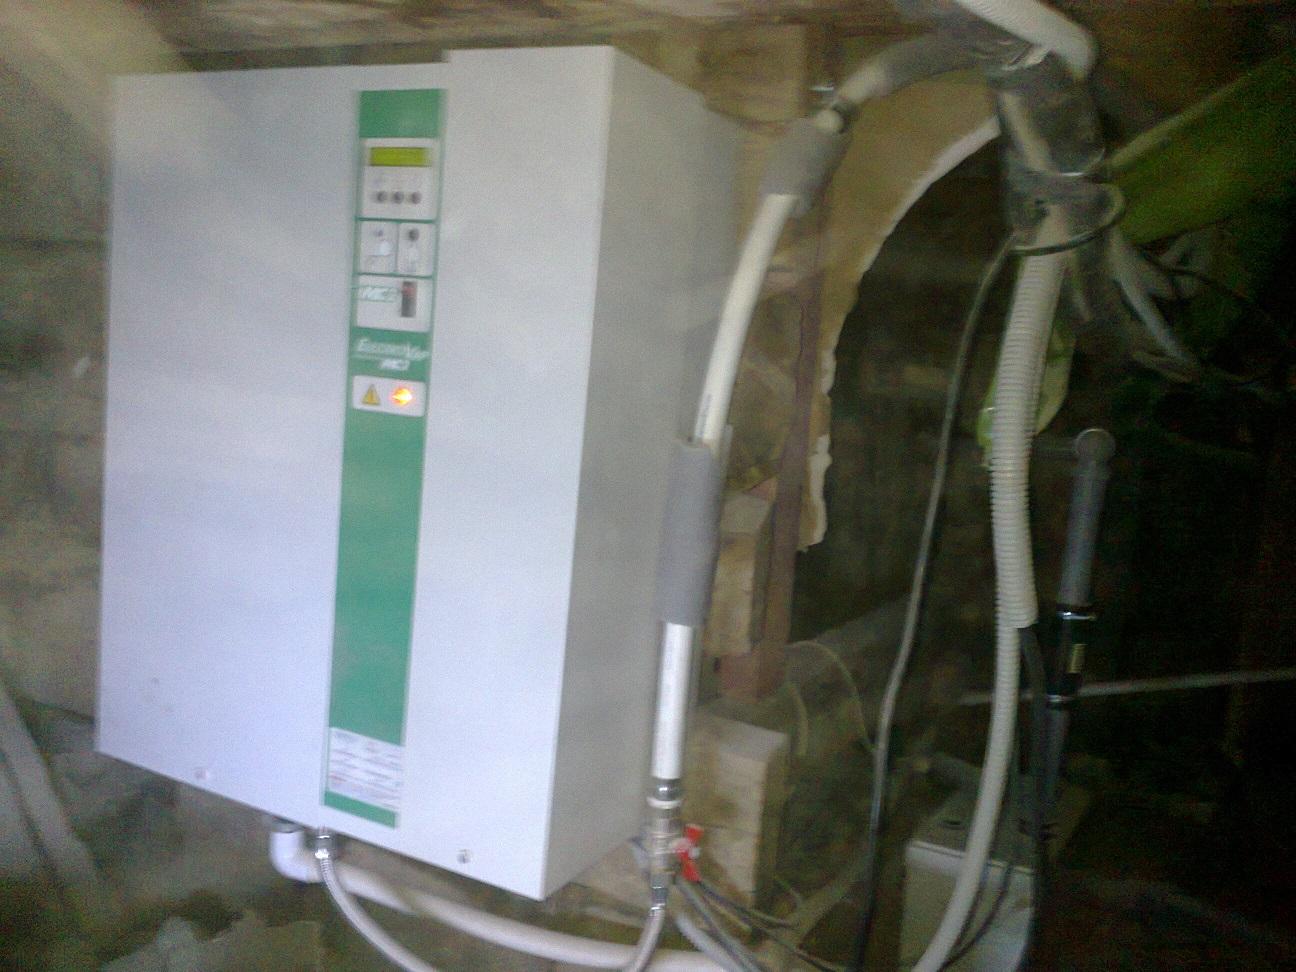 Пароувлажнитель воздуха на приточной системе Музей Рериха в Санкт-Петербурге. Фотография 2014 год